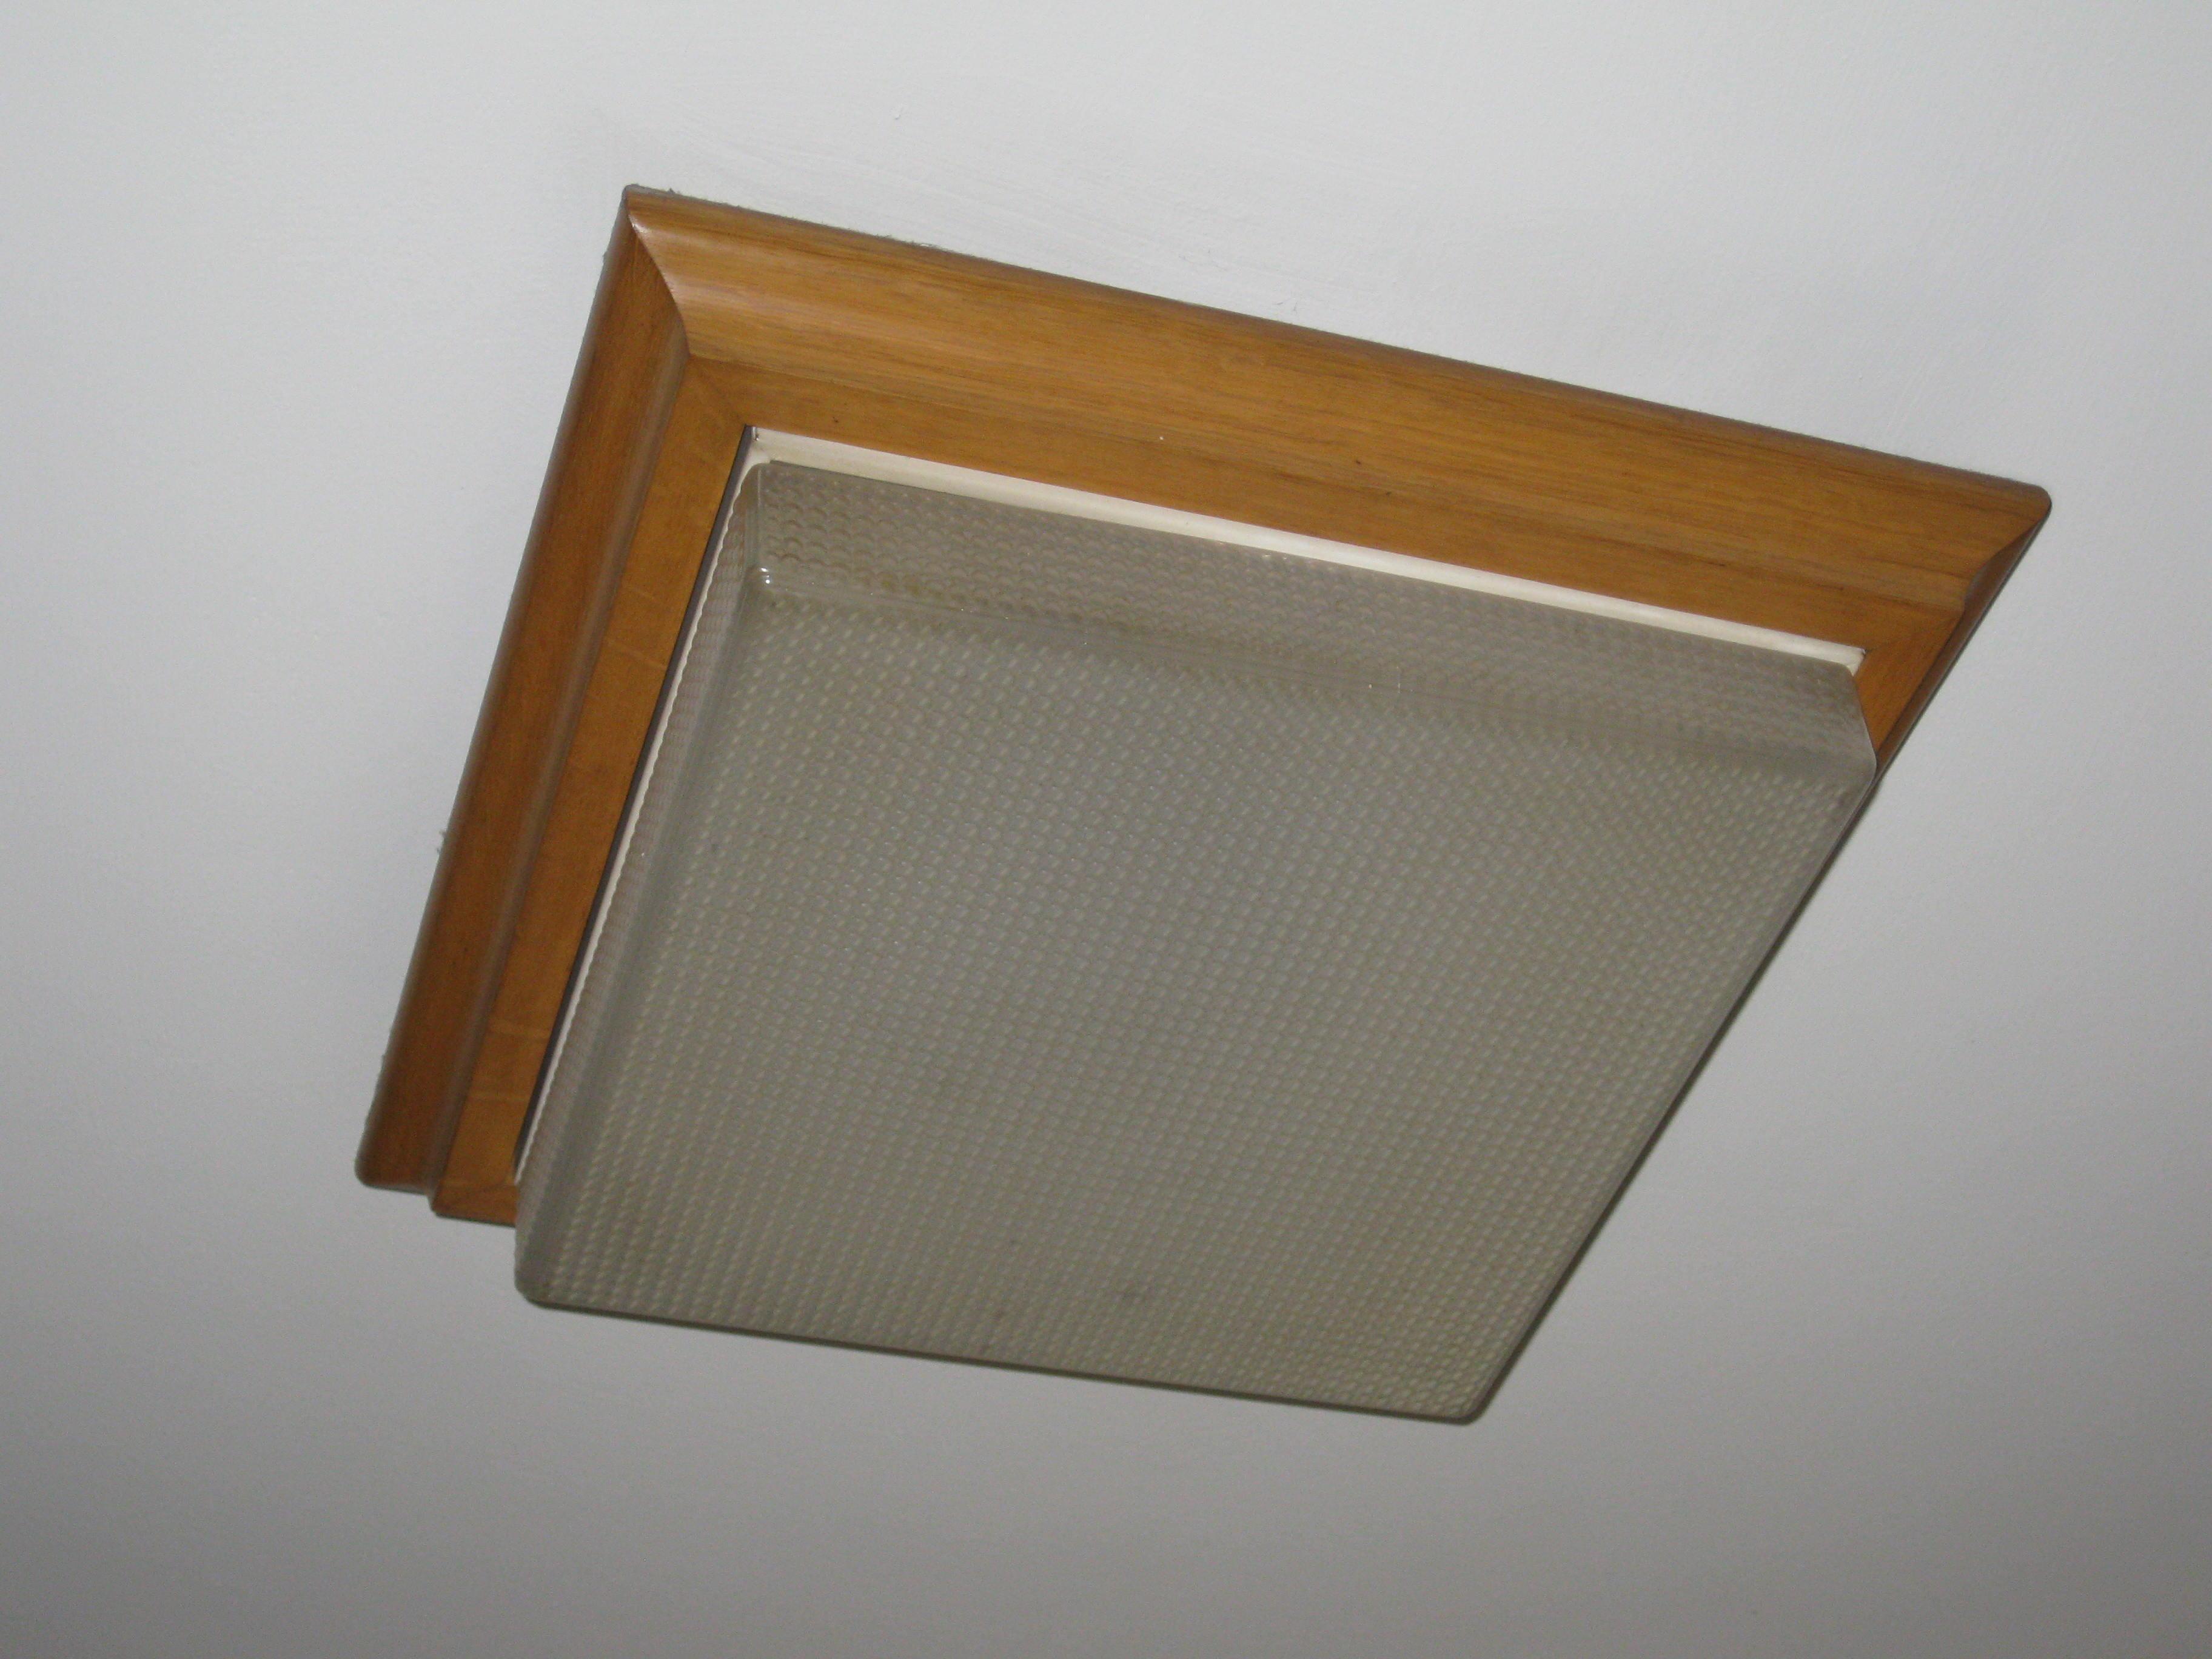 Plafoniere In Legno : Acquista plafoniera filiz in legno e cemento lampadine led